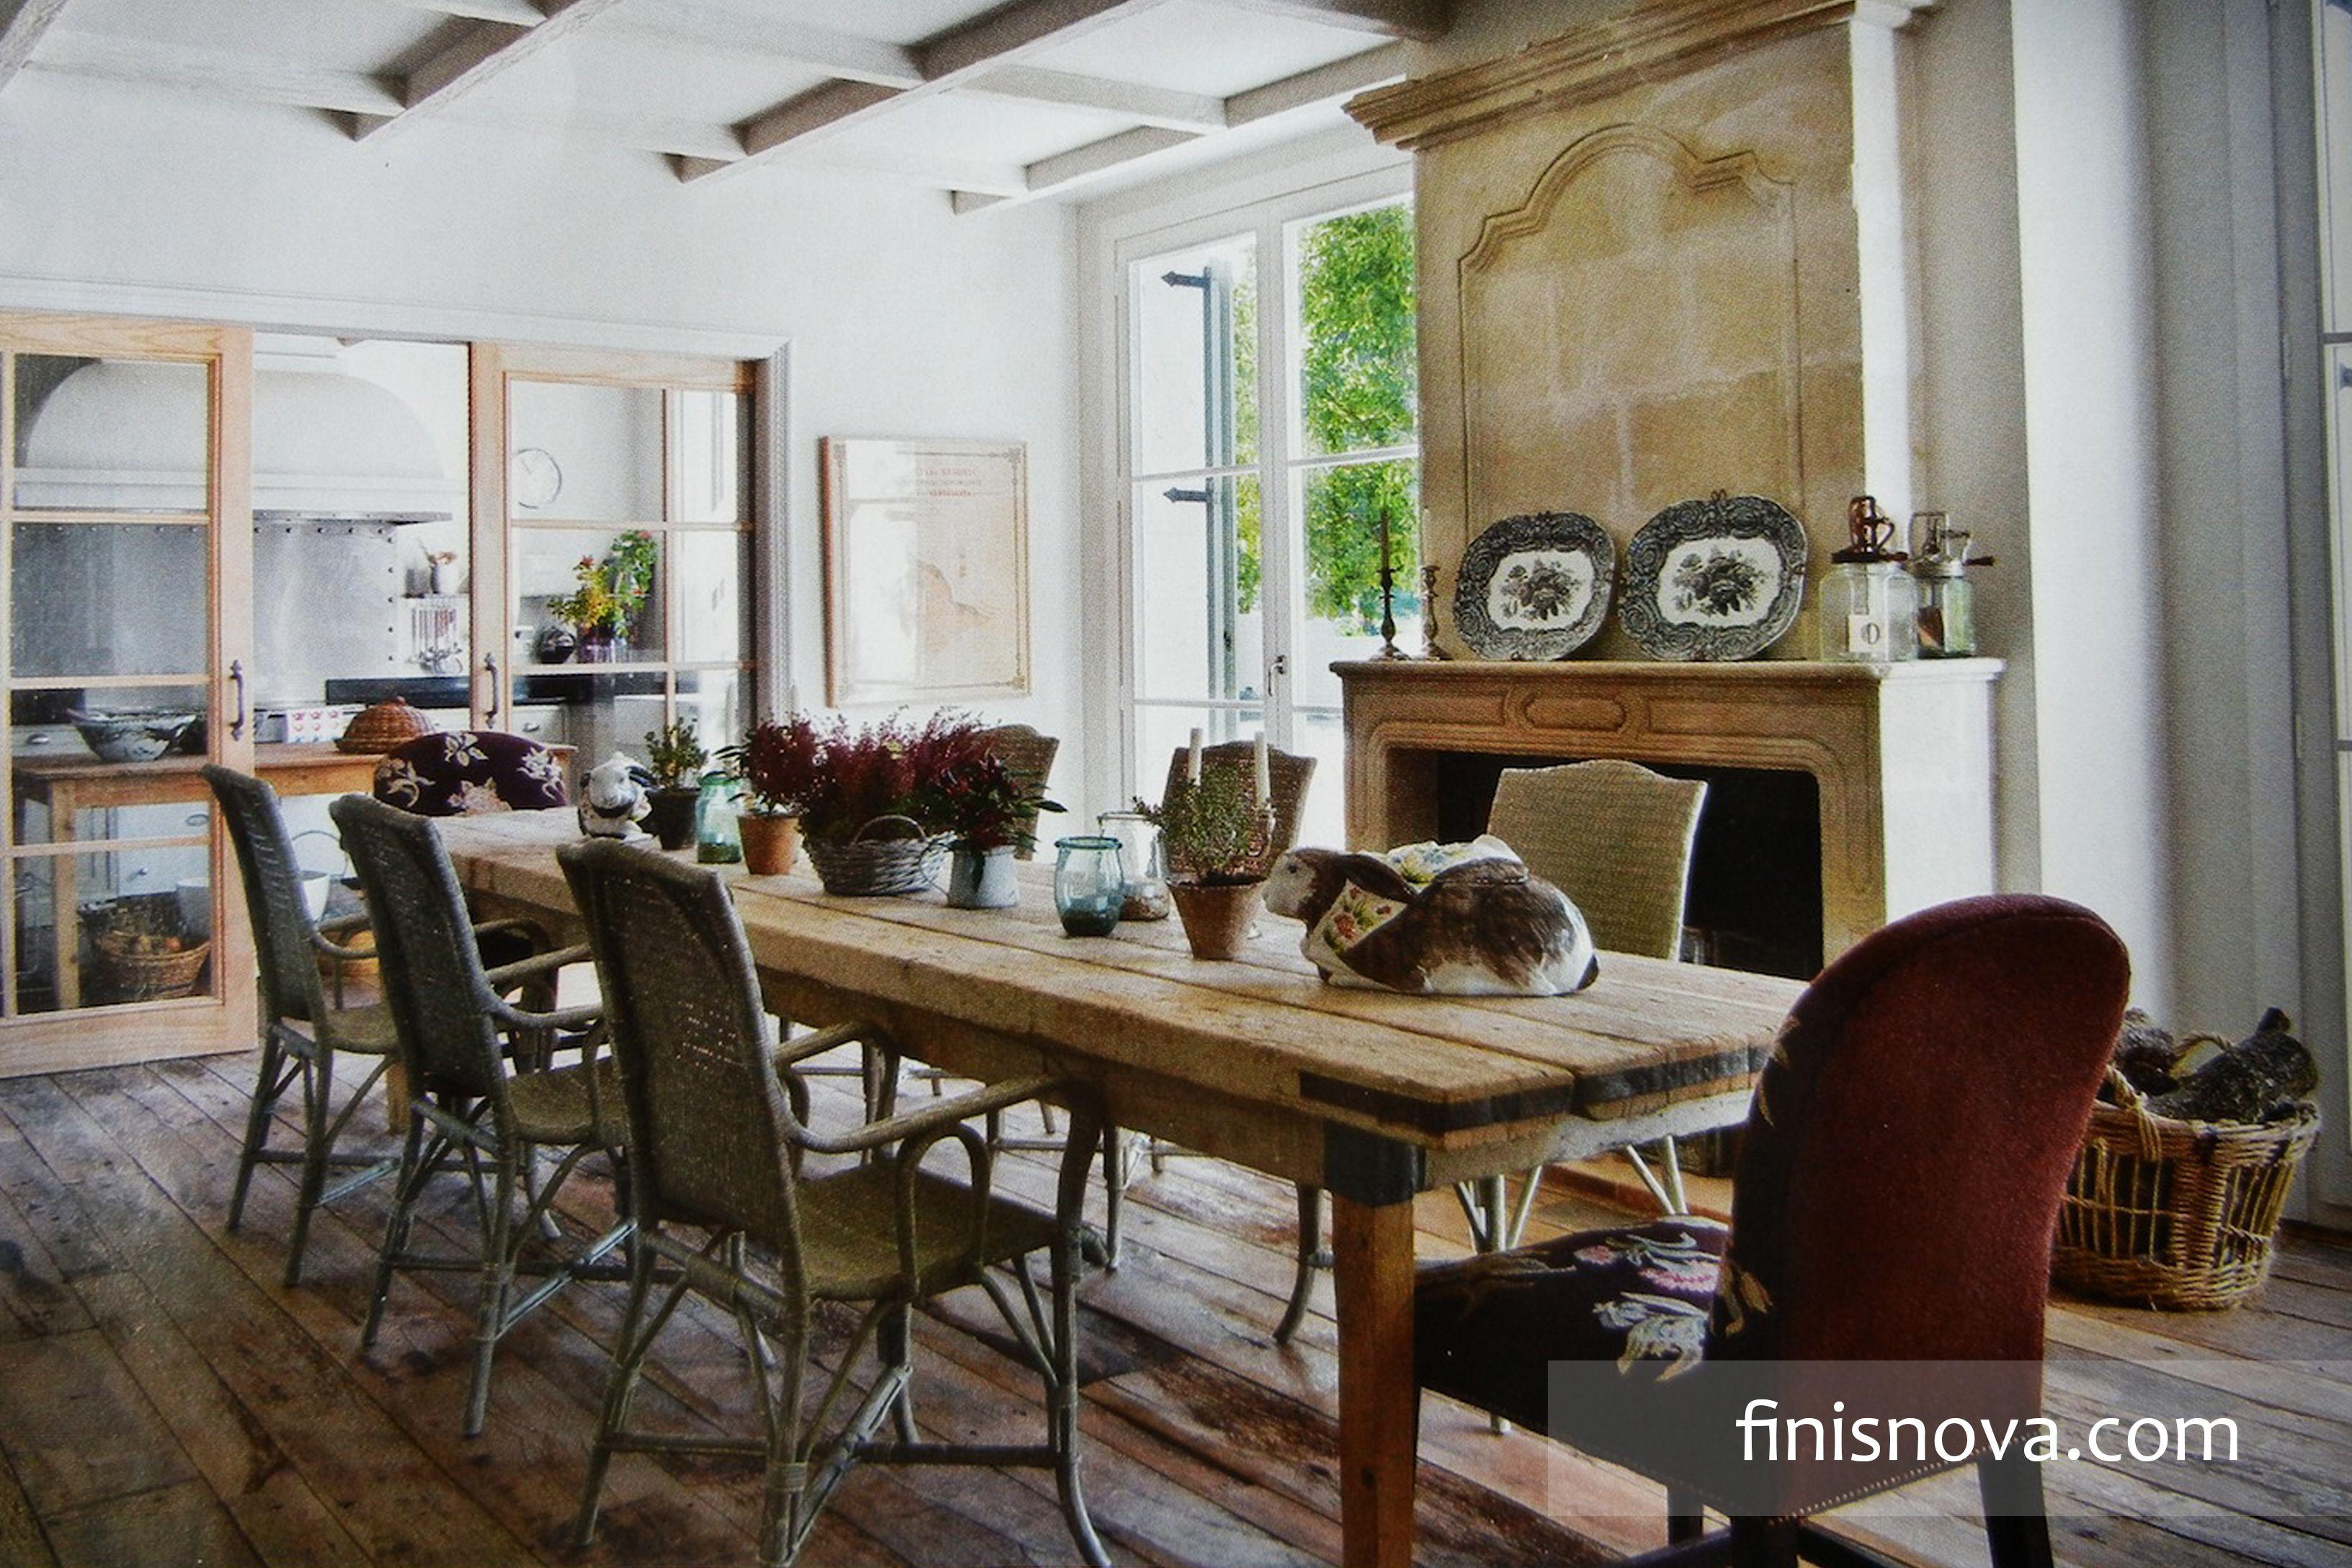 Decoración comedor rústico, lugar que te hara sentir natural. Puedes decorar tus departamentos en reñaca y casas en bosques de montemar. www.finisnova.com